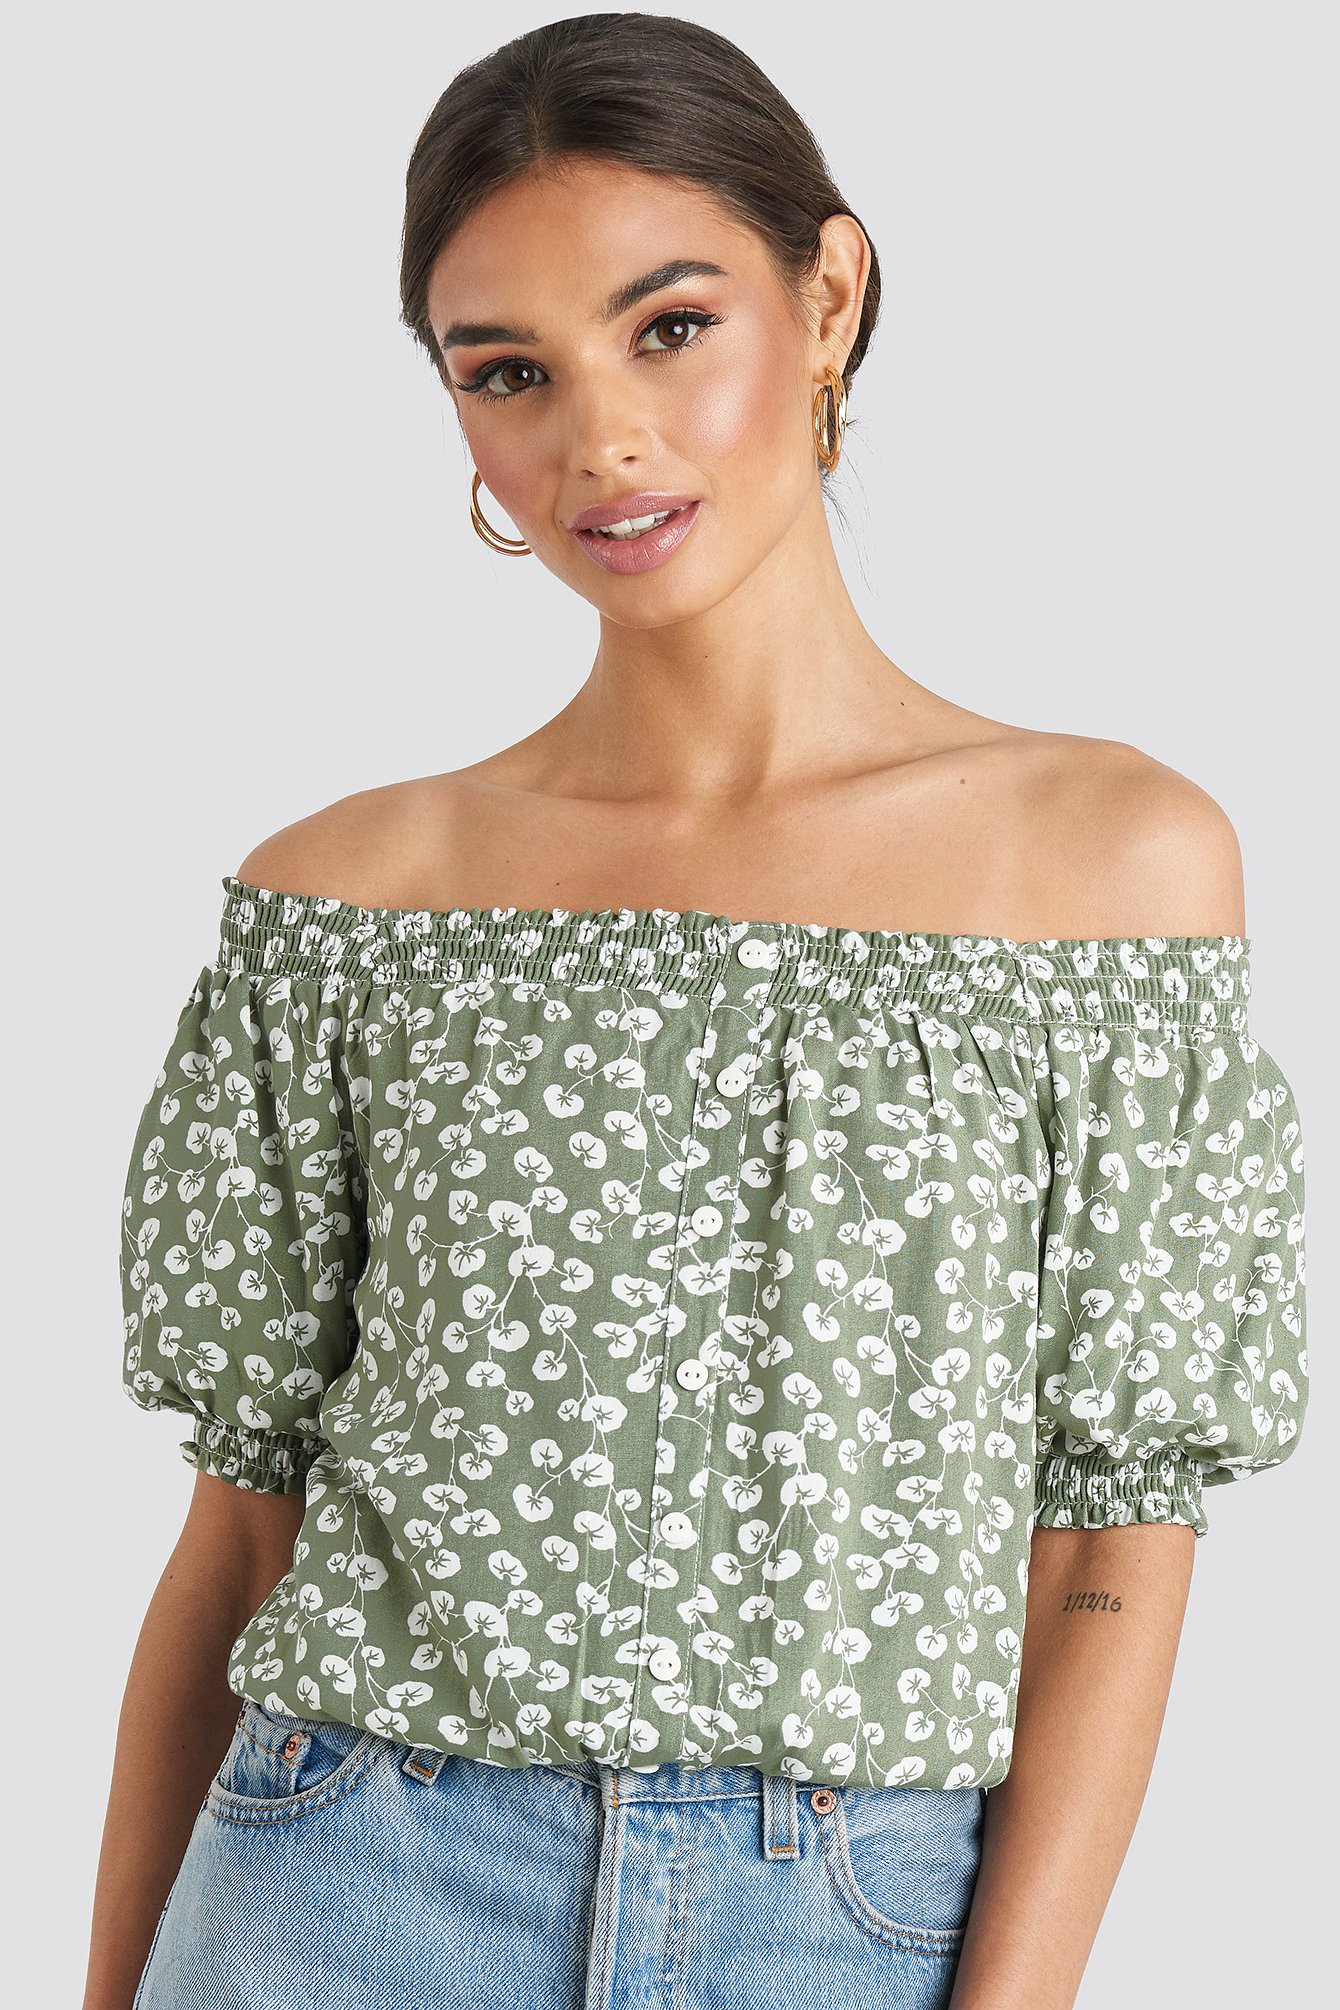 trendyol -  Off Shoulder Patterned Top - Green